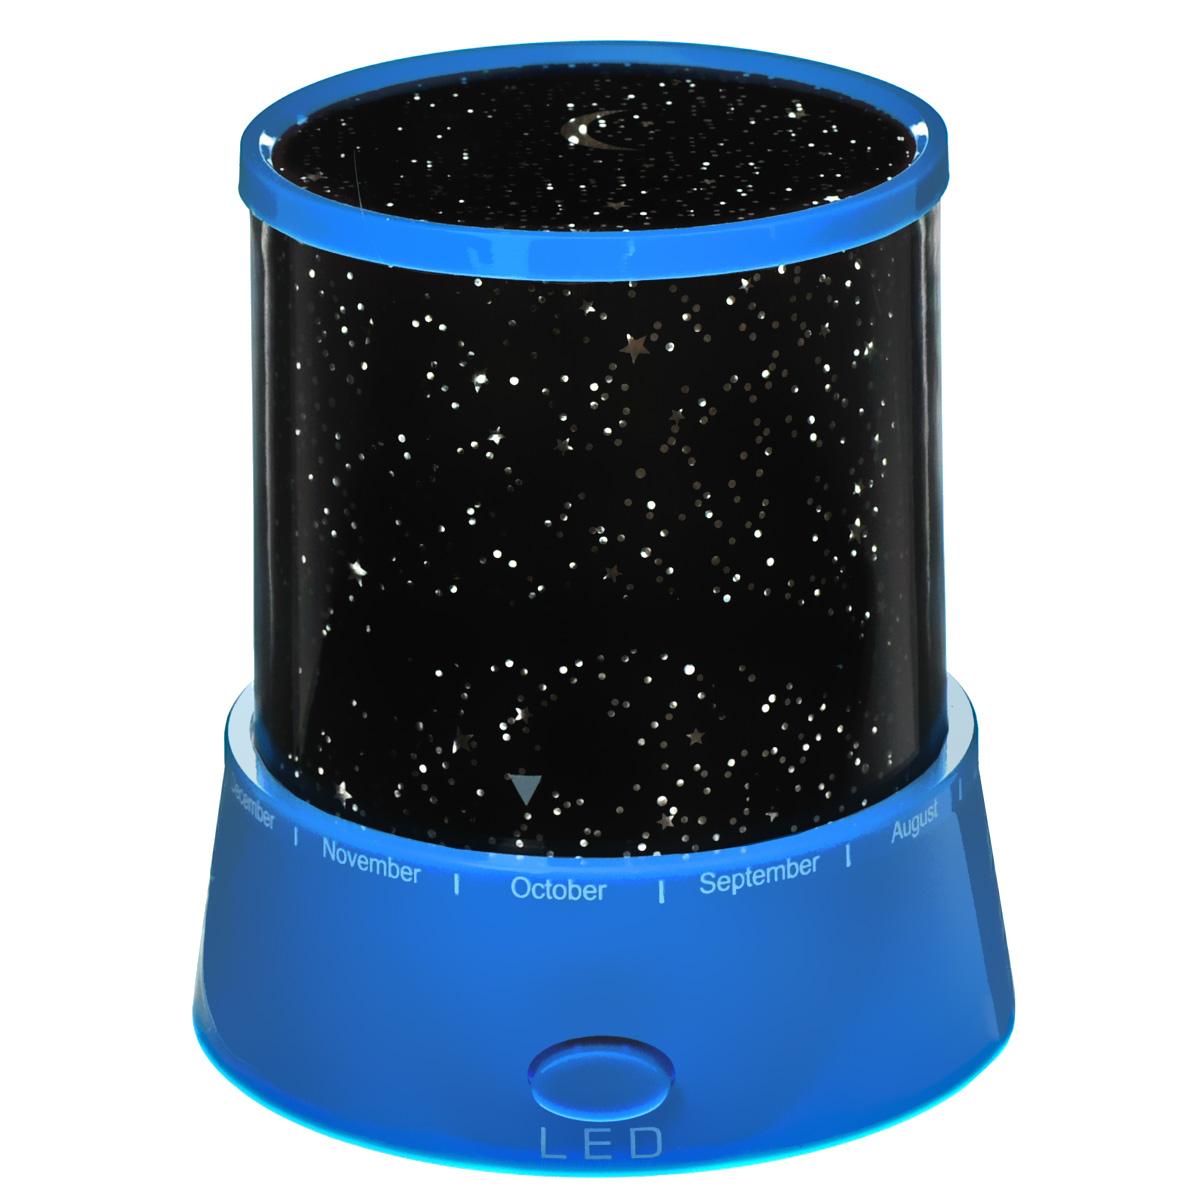 Ночник Bradex Звездное небоTD 0161Ночник Bradex Звездное небо привнесет в Вашу жизнь романтику и позволит любоваться красотой звездного неба, не выходя из дома. Ночник Звездное небо - это не только осветительный прибор и предмет декора, но и украшение Вашей комнаты, которое превращает ее в волшебную сказку. Ночник имеет несколько вариантов подсветки, имитирующих звездное небо: бледно-желтая подсветка, красная, зеленая и синяя подсветка, которые меняются при переключении специальной кнопки, расположенной на базе ночника. Минимальные размеры позволяют использовать по максимуму пространство даже самой крошечной детской. Устройство работает от батареек, что позволит поставить его не только в любое место в квартире, но и также взять его с собой на дачу или в путешествие. Такой ночник идеально подойдет для детской комнаты и поможет без проблем уложить ребенка в кровать. Ночник не только приведет в восторг Ваших детей, но и станет прекрасным дополнением к романтическому ужину. Работает от 3 батареек типа АА (в комплект не входят).